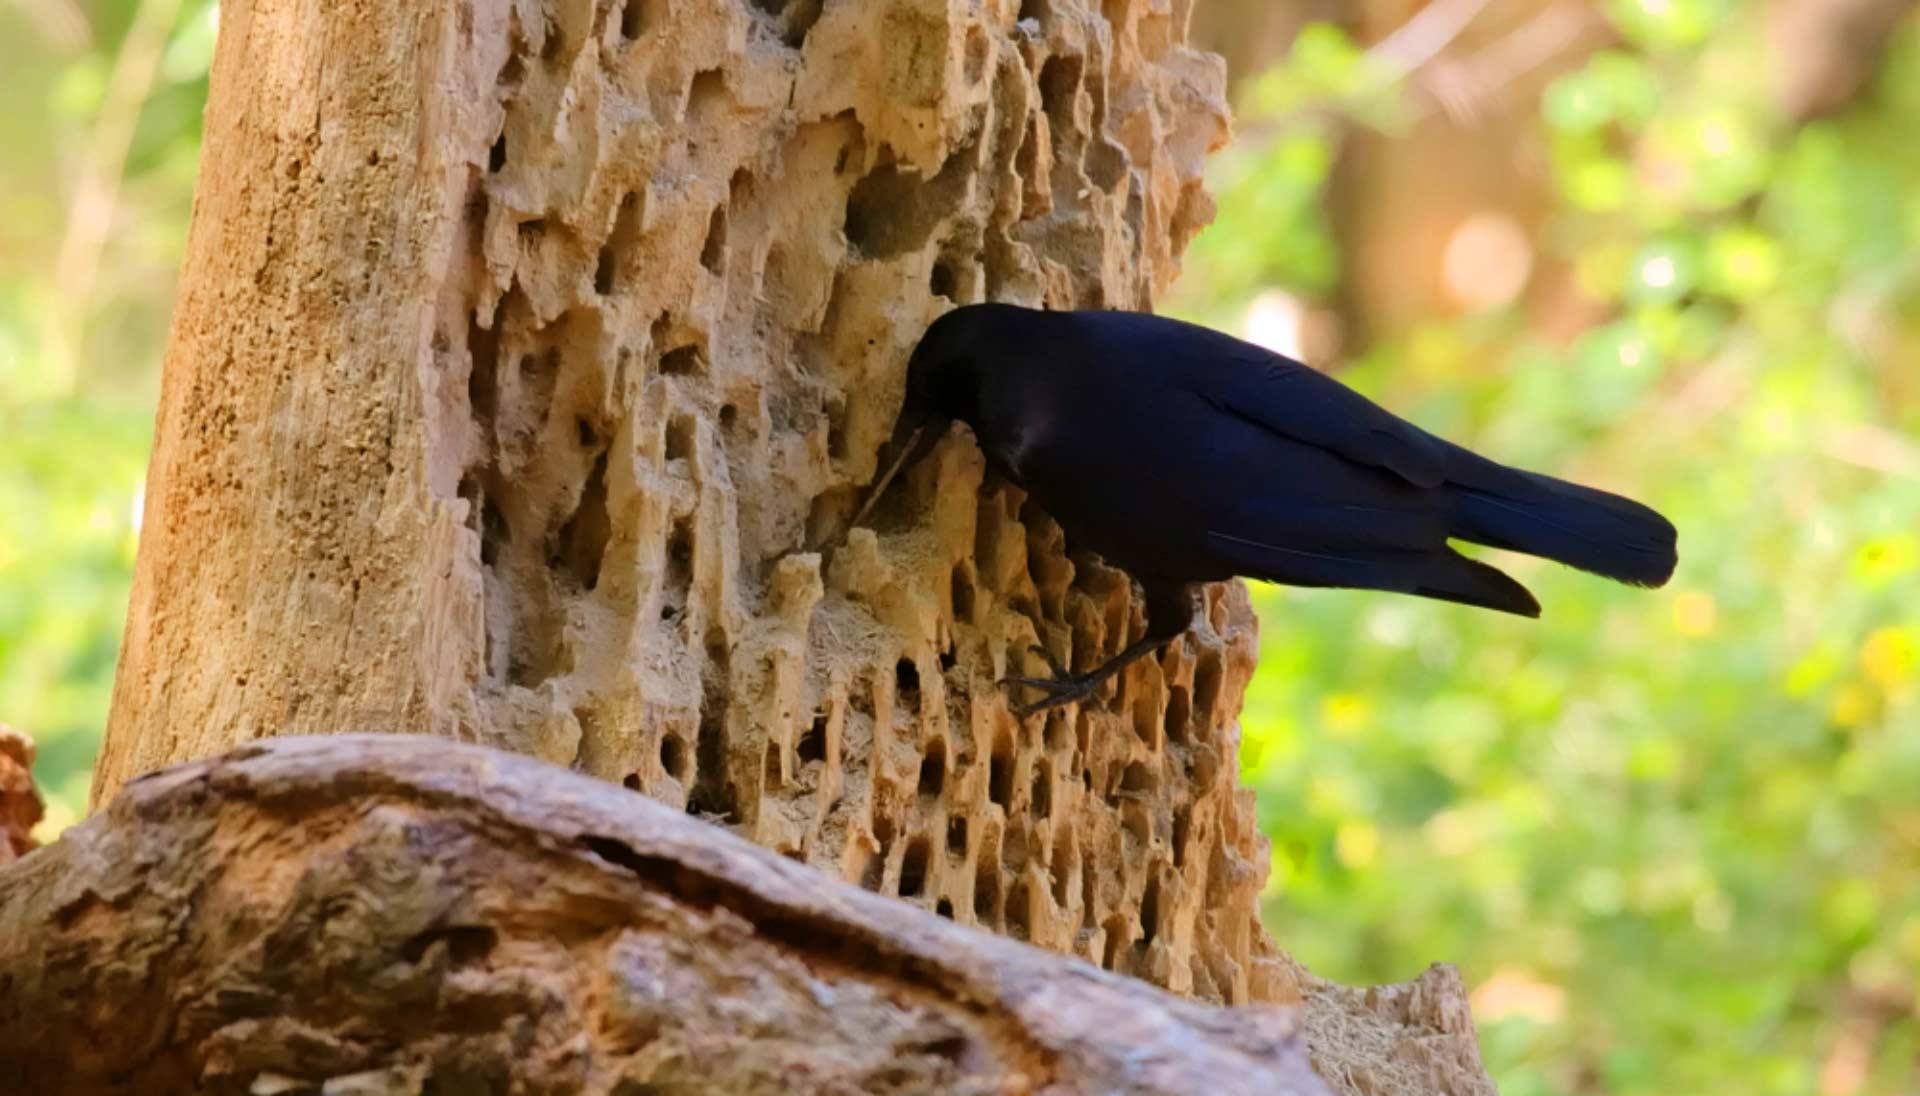 Новокаледонский ворон использует палочку, чтобы достать личинки | Jolyon Troscianko